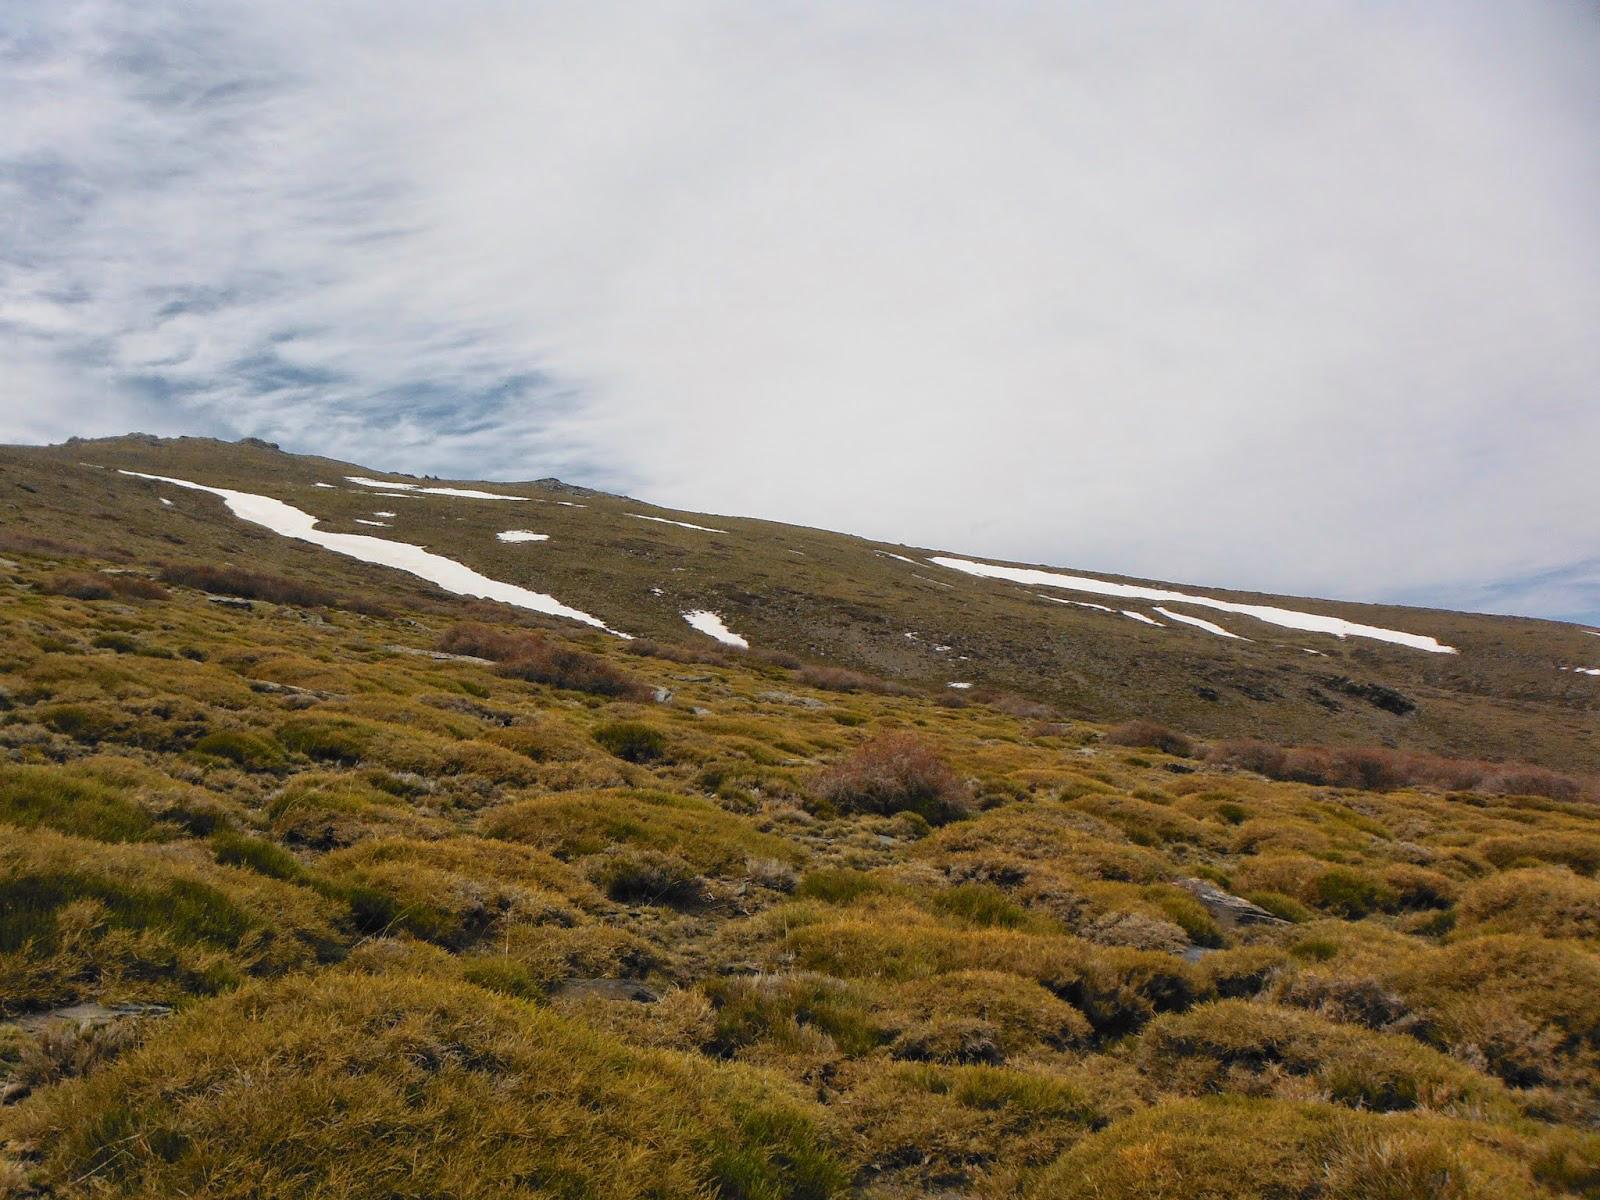 Vegetación almohadillada apenas pegada al suelo característica de la alta montaña mediterránea (desde los 2000 m de altura) © Fotografía: Juan Antonio Muñoz